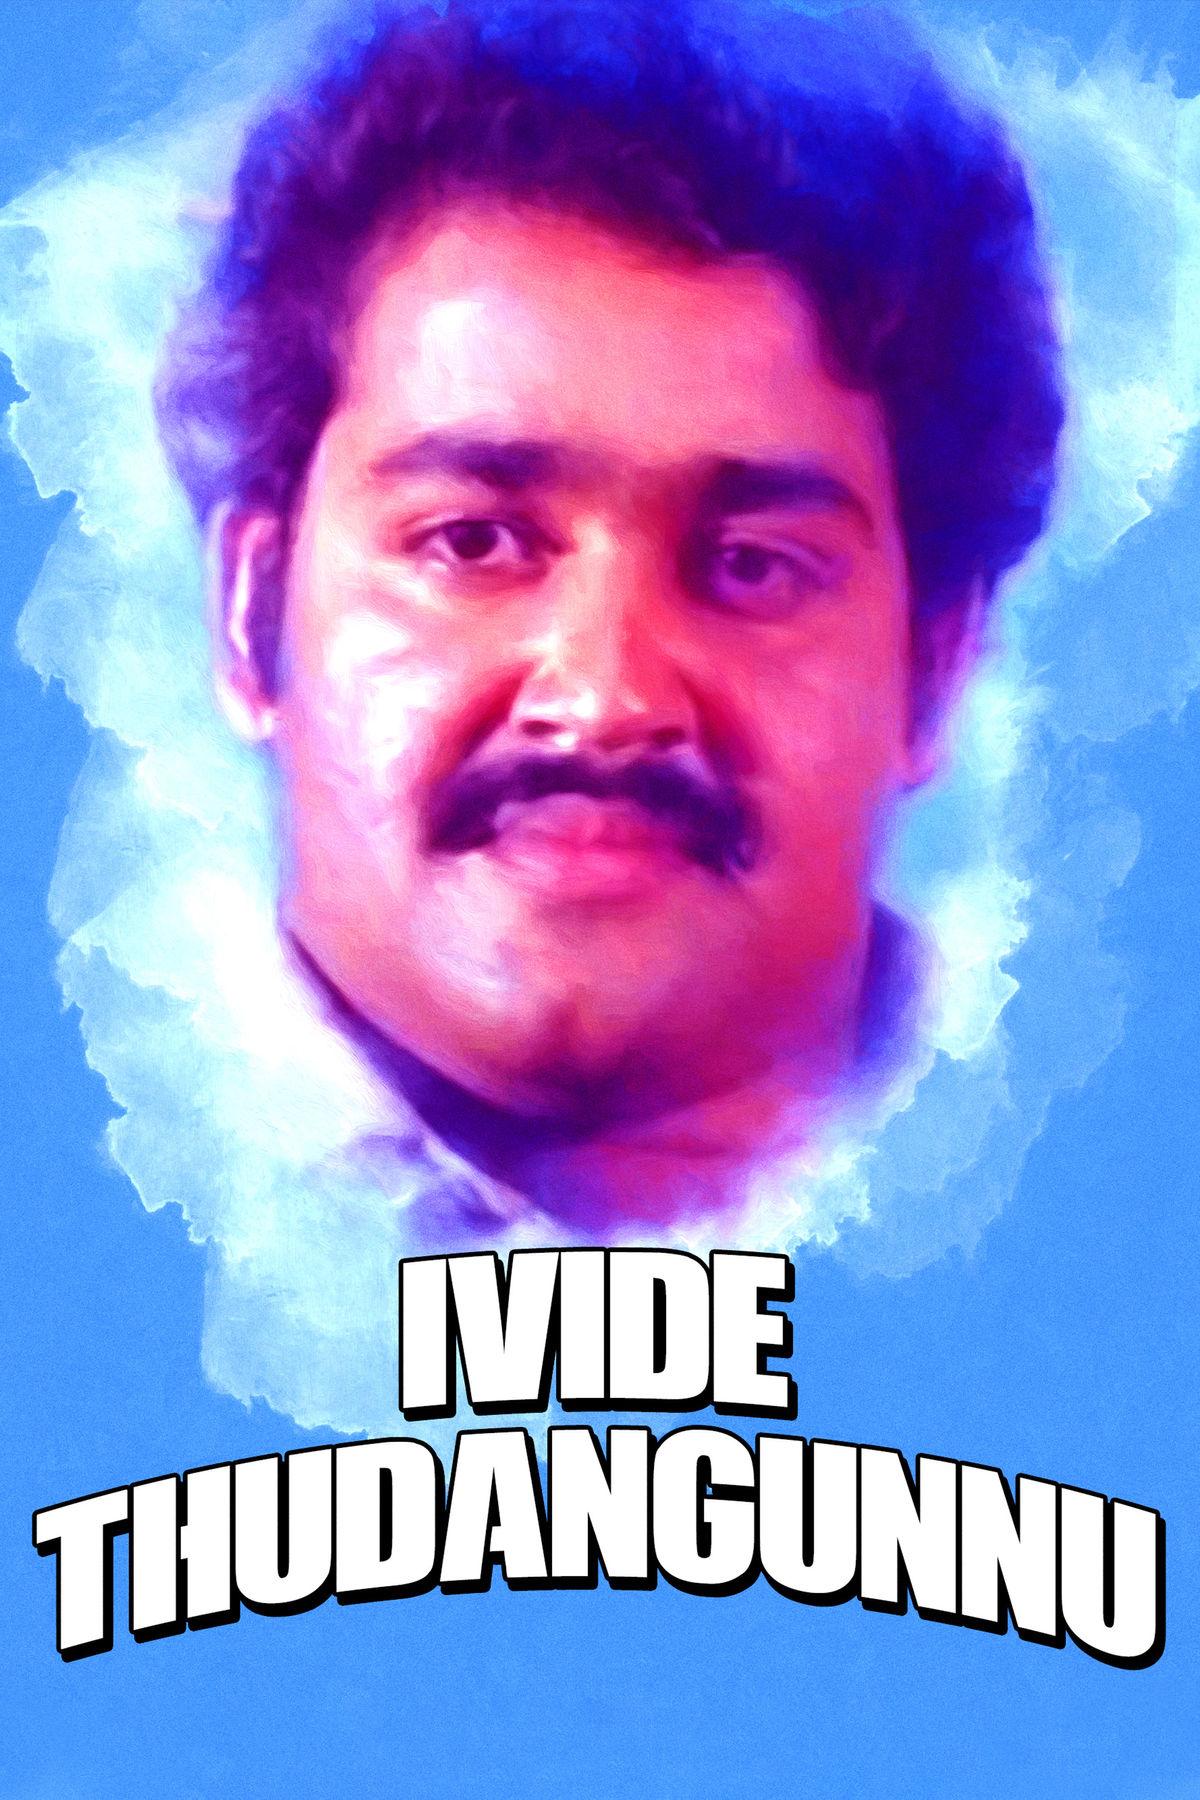 Ivide Thudangunnu